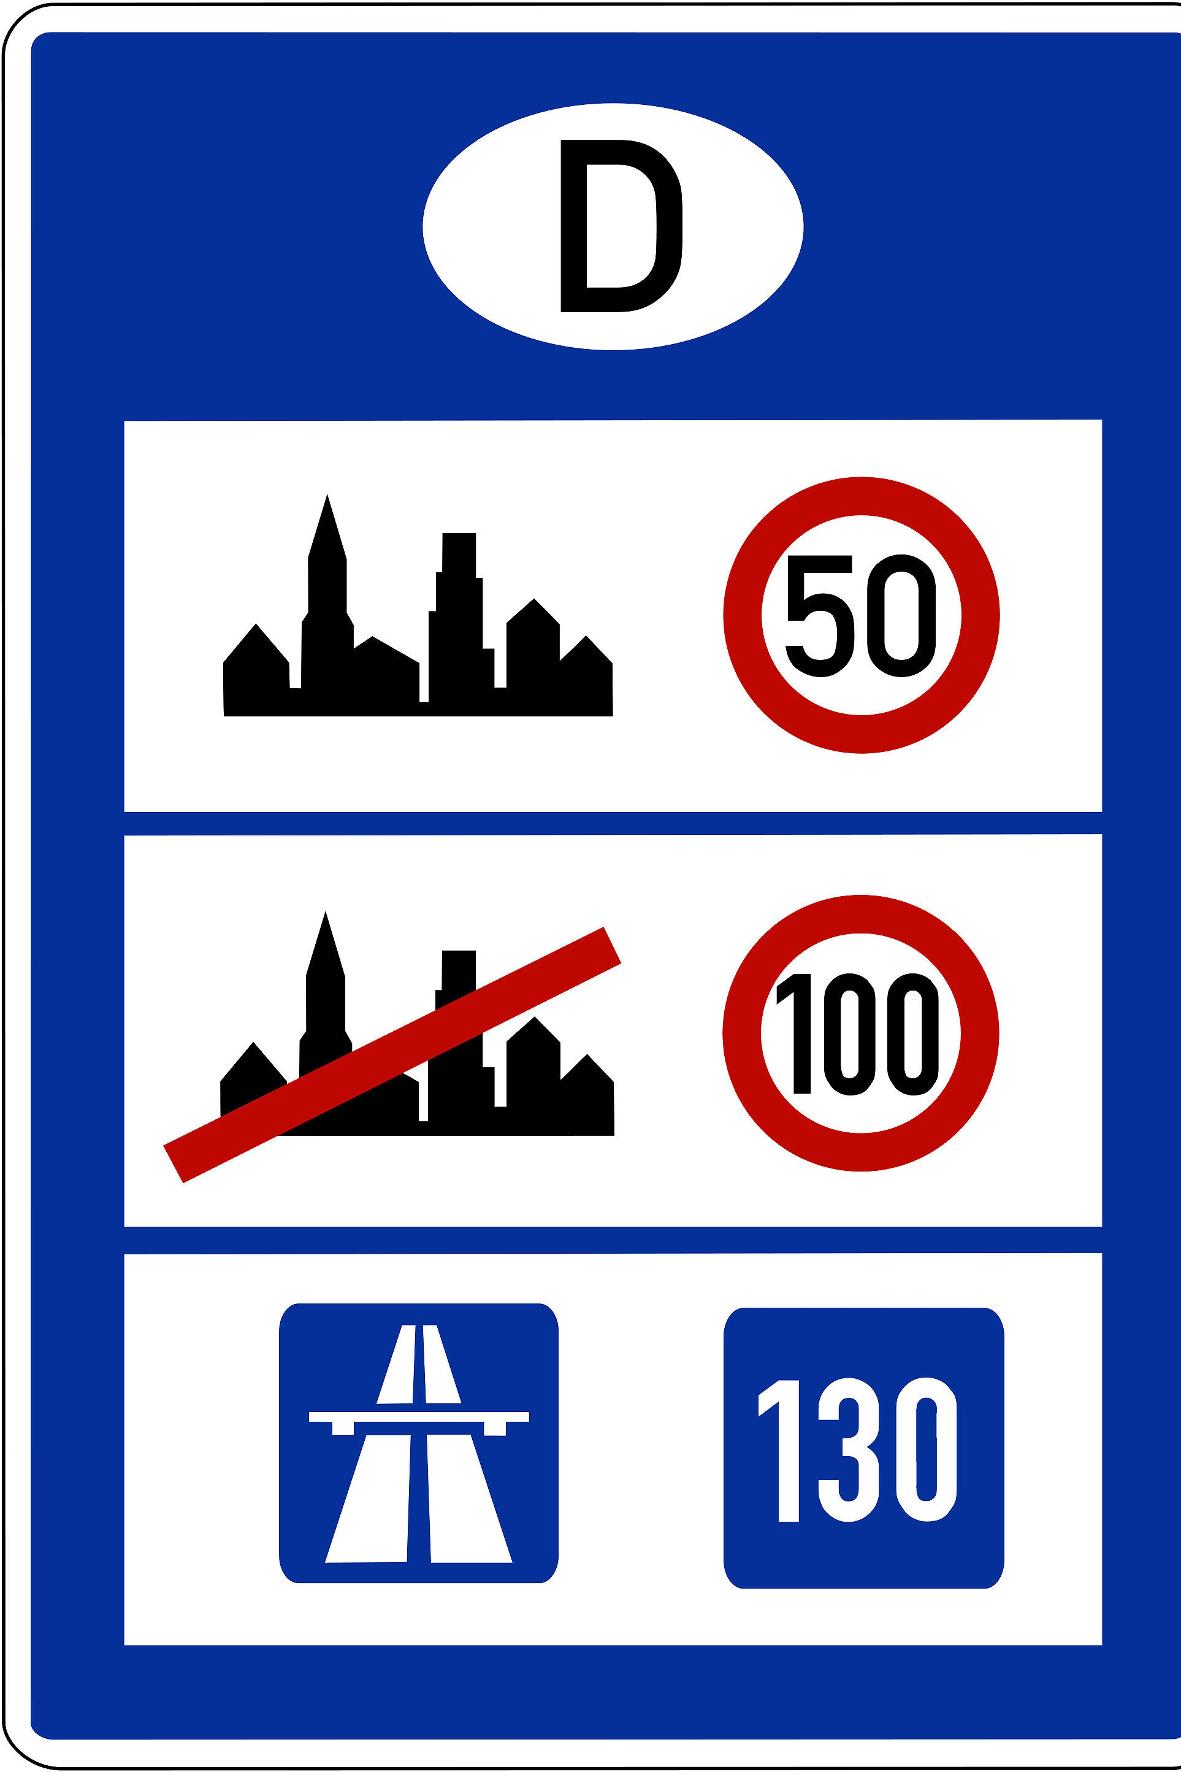 mid Groß-Gerau - Richt- oder Höchstgeschwindigkeit: Bei der Zahl 130 gehen die Meinungen mal wieder auseinander. STVO